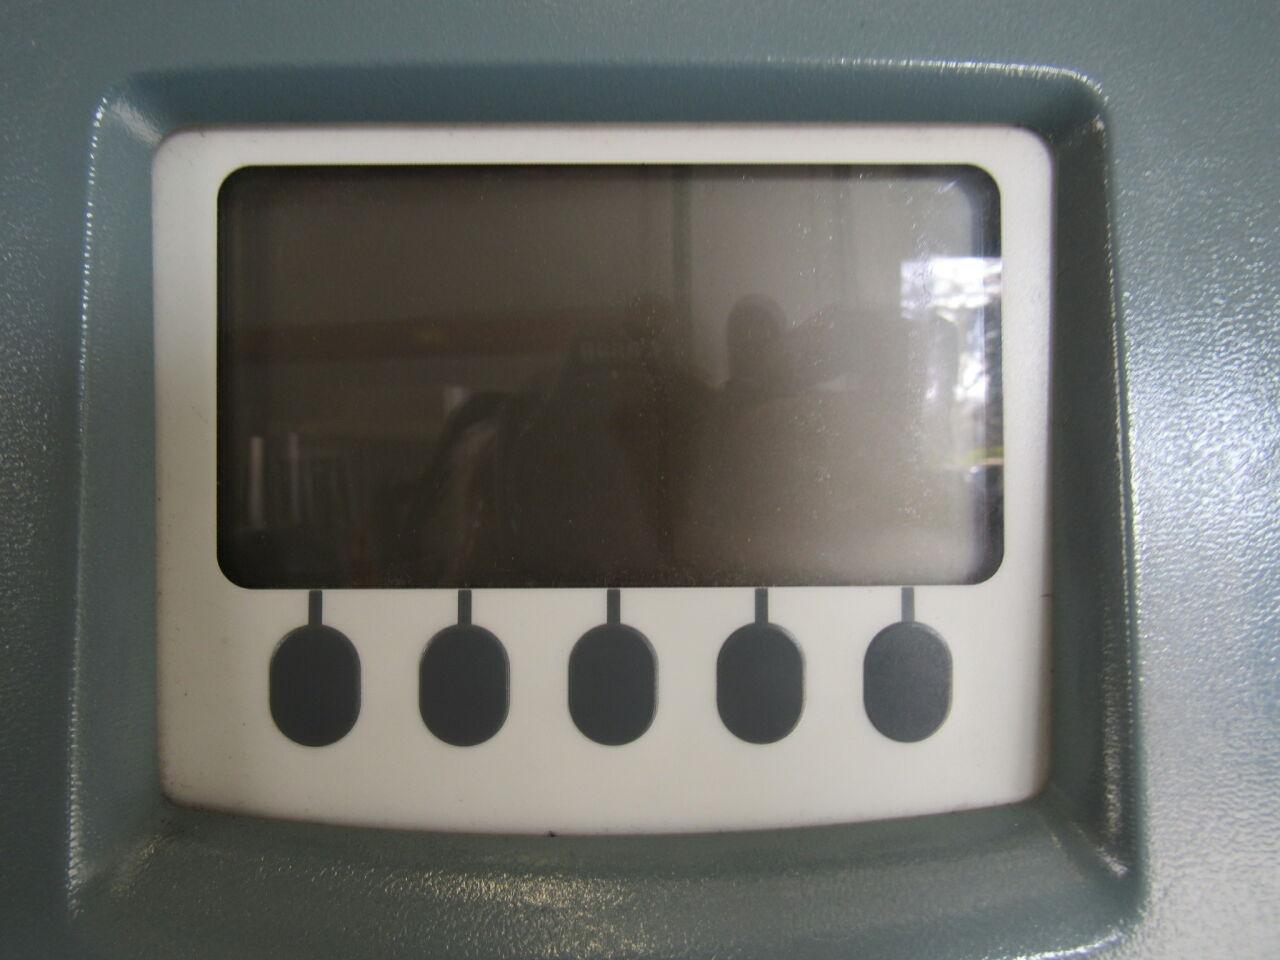 HELMAN IPF 125-8 Plasma Refrigerator Freezer